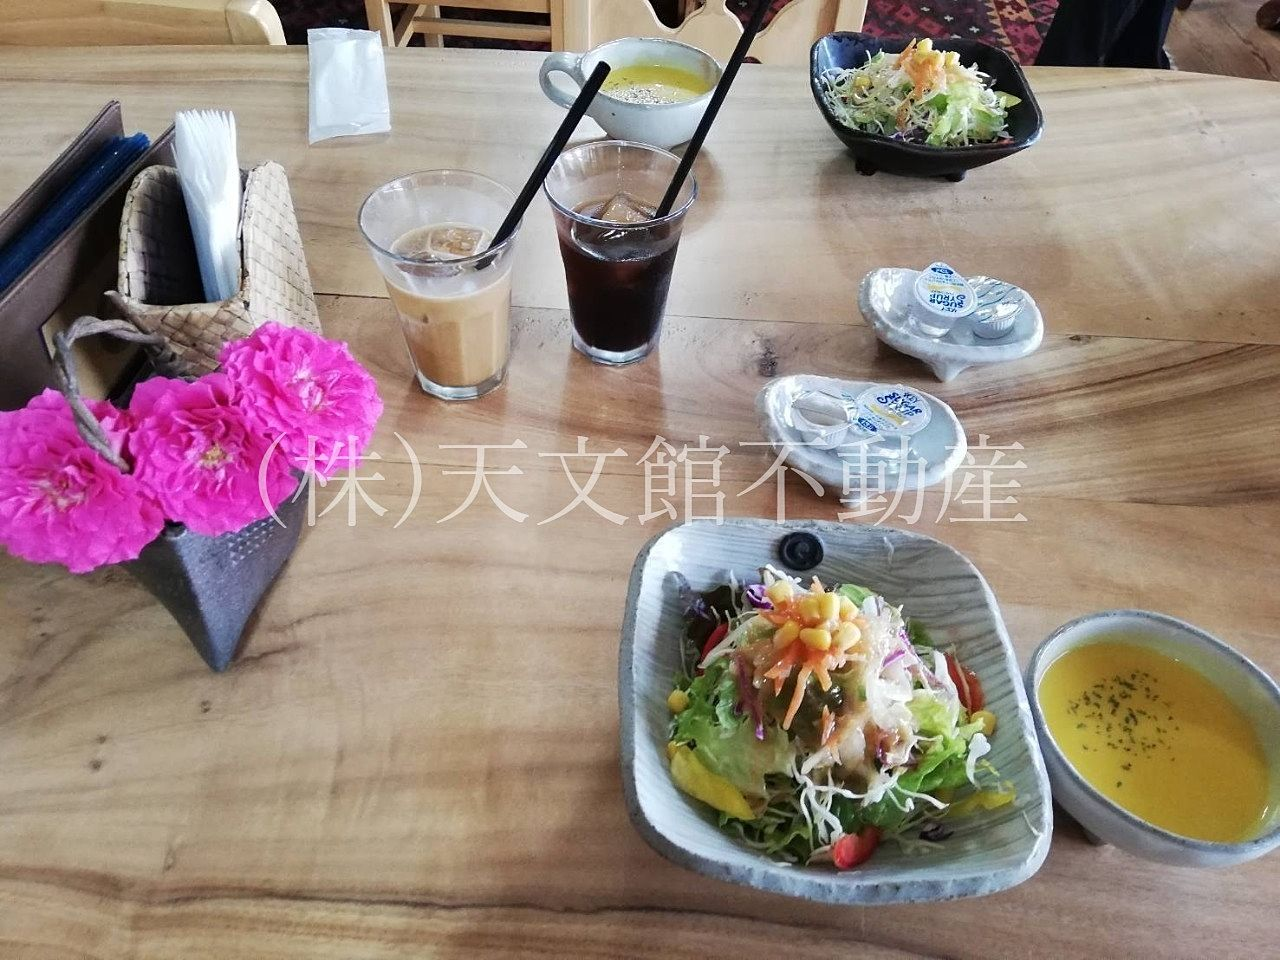 霧島市隼人町小浜「KITCHEN Q」キッチンキューの前菜です。